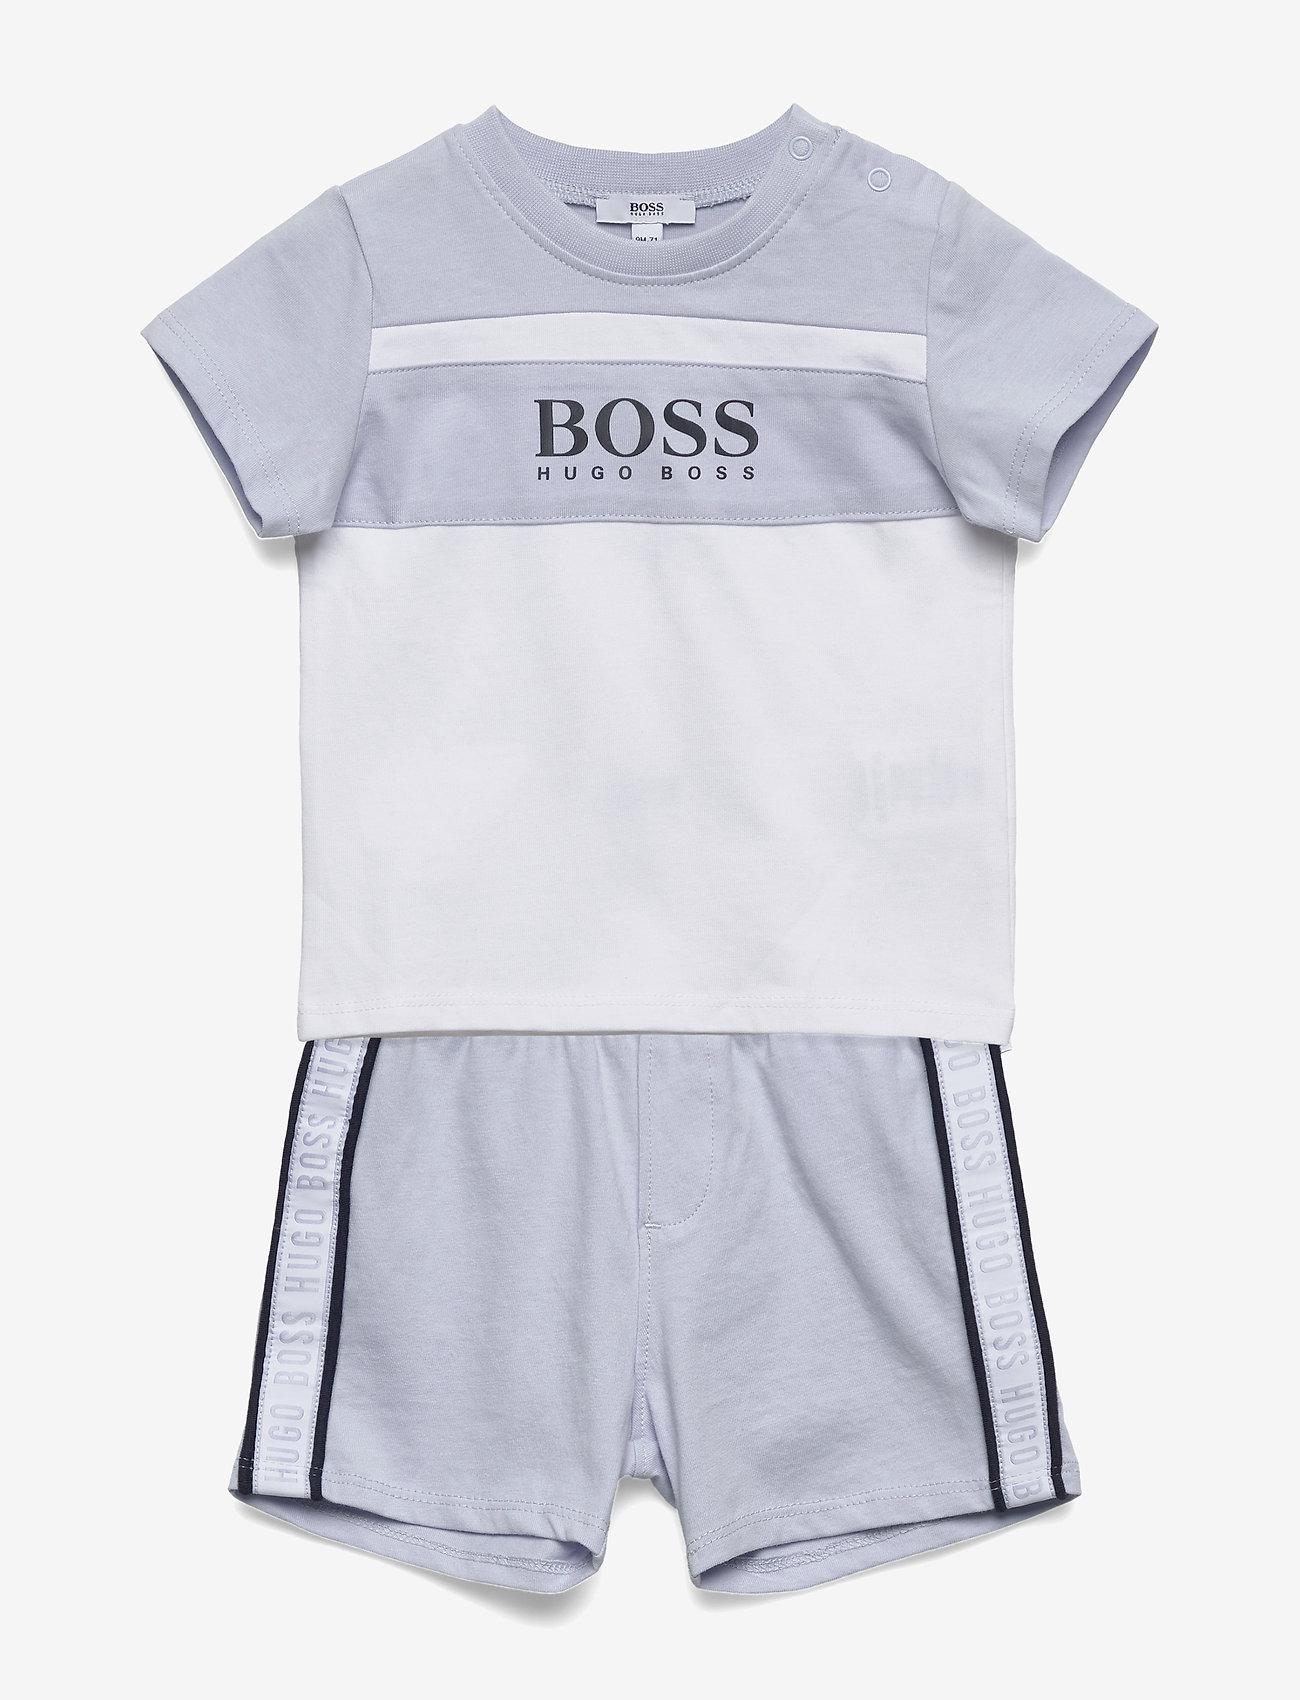 BOSS - T-SHIRT+SHORTS - short-sleeved - pale blue